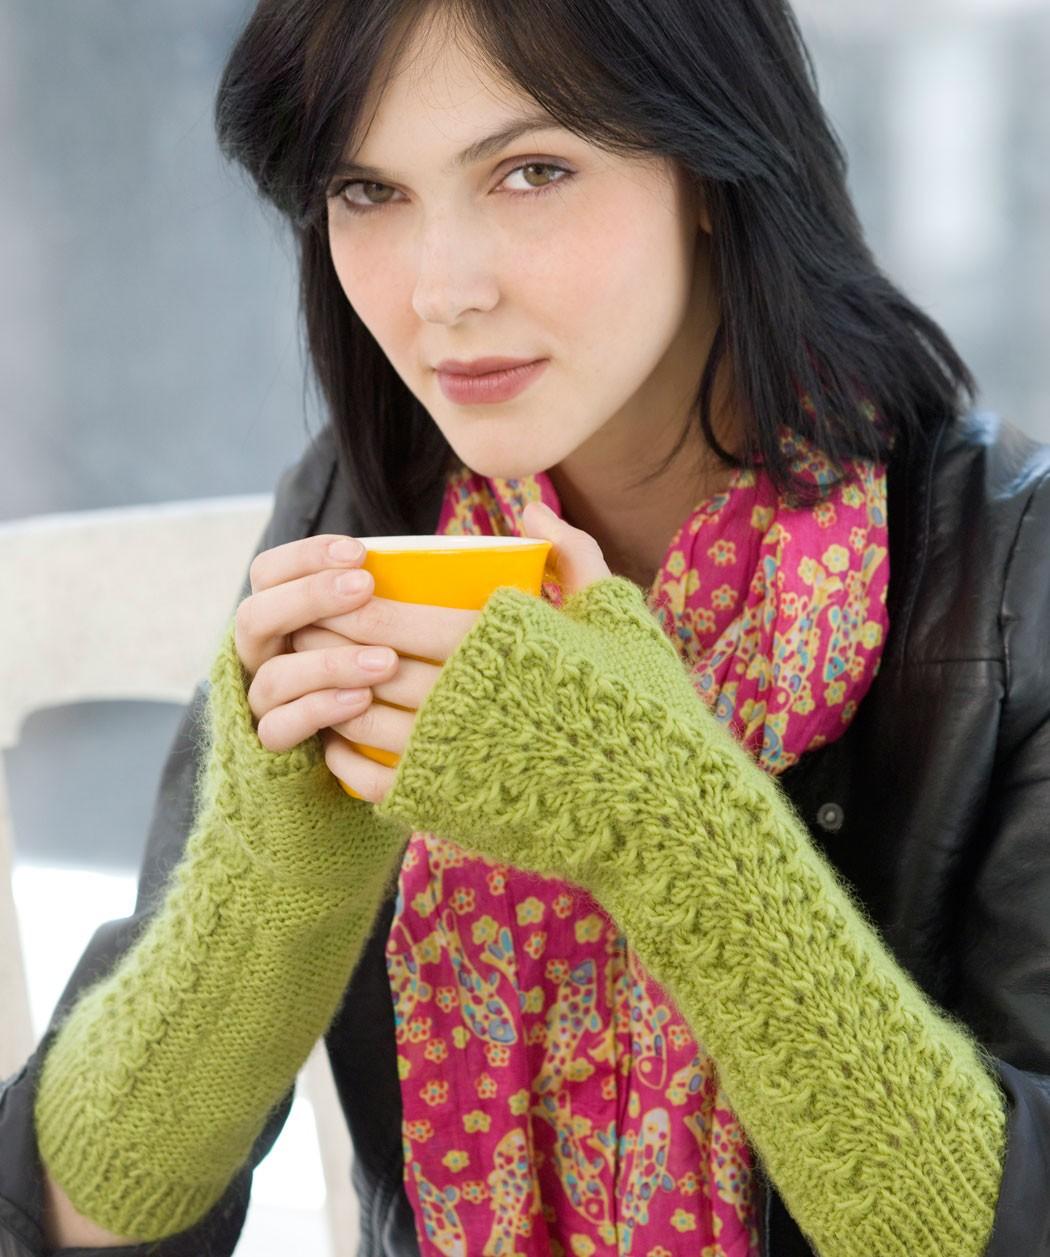 Lettuce Knit Arm Warmer Pattern